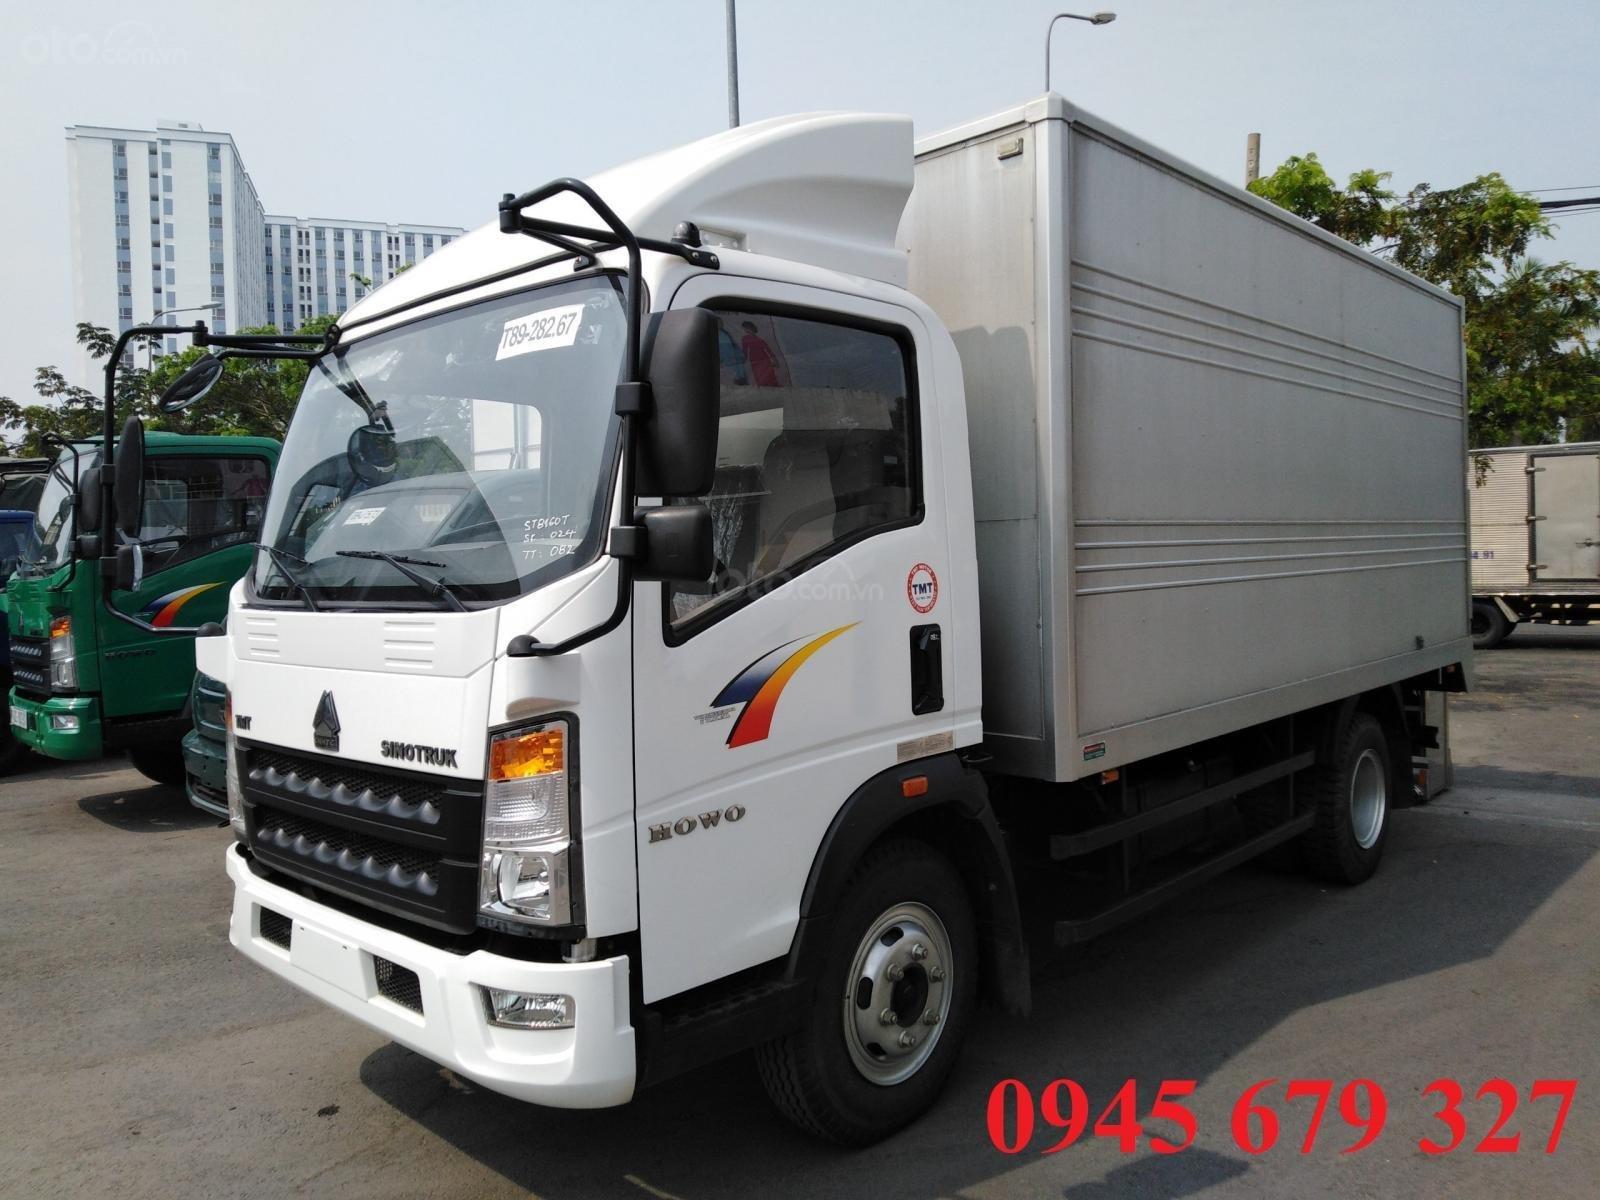 Thanh lý xe tải Howo 6T ga cơ, giá rẻ hỗ trợ trả góp (2)